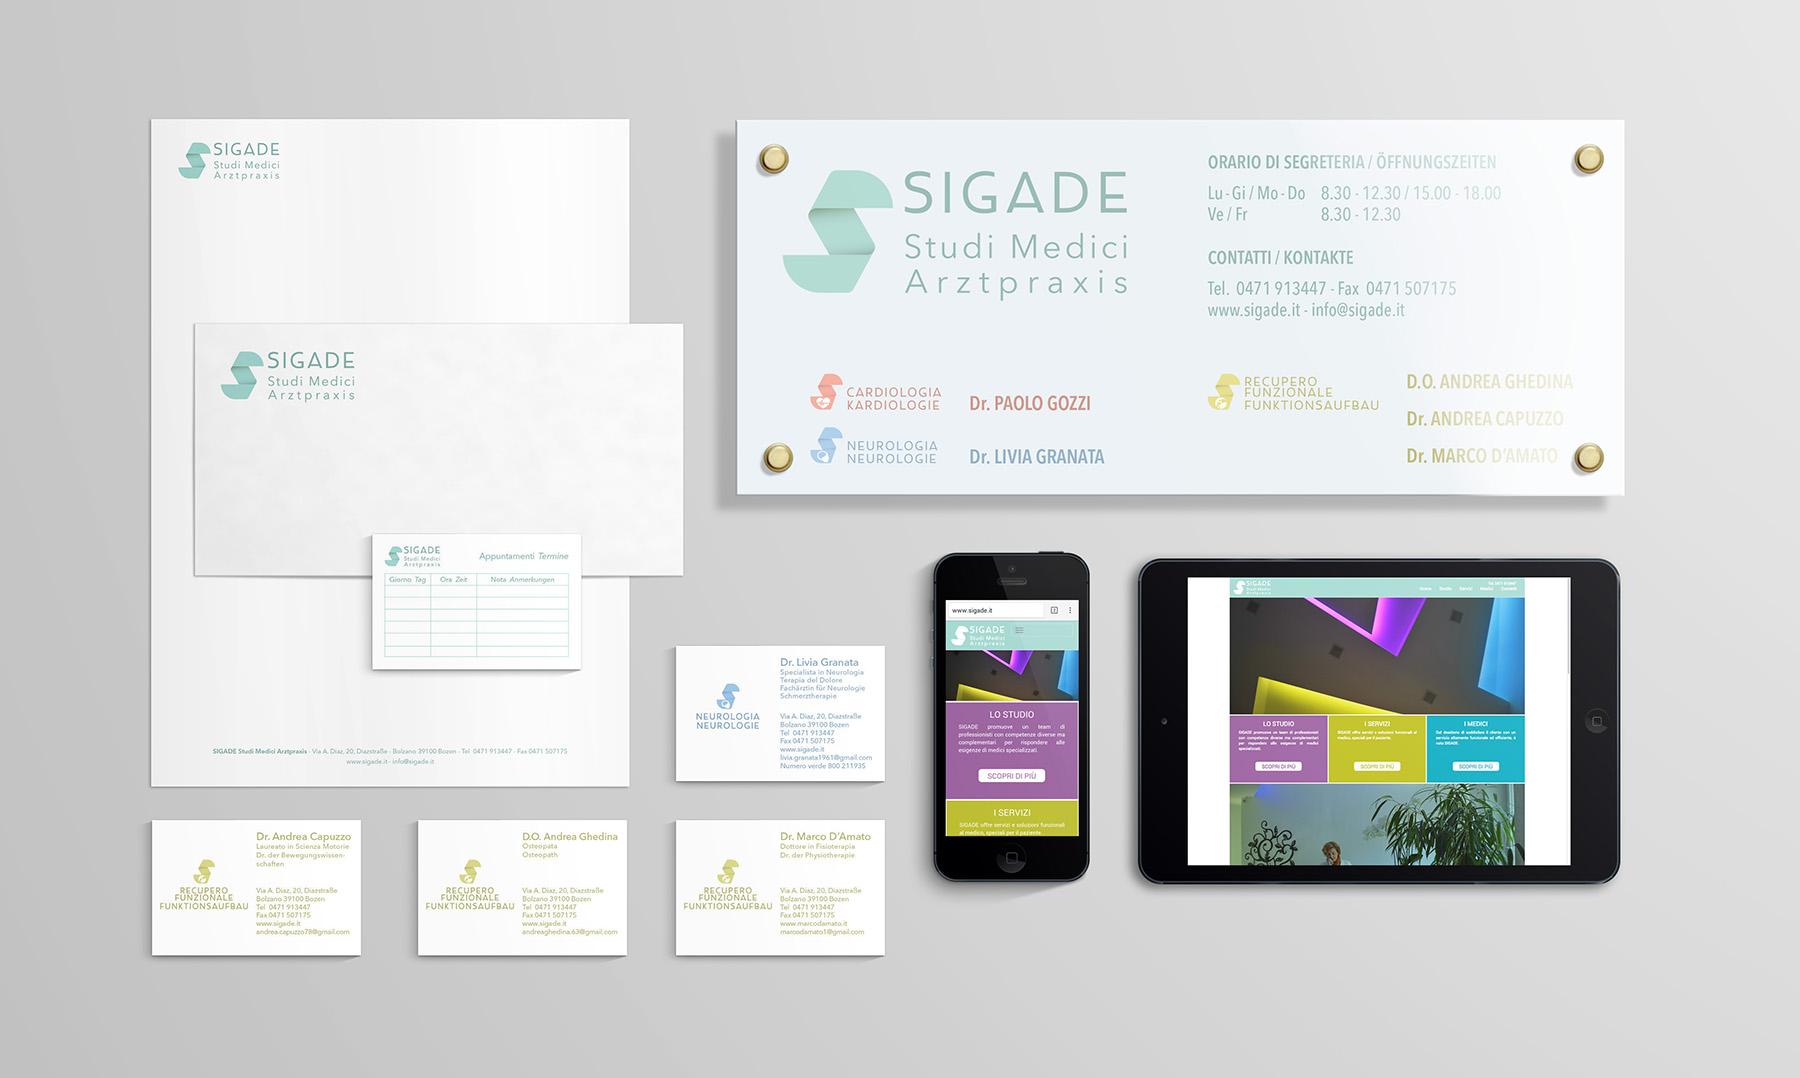 Branding – Sigade Studi Medici Arztpraxis